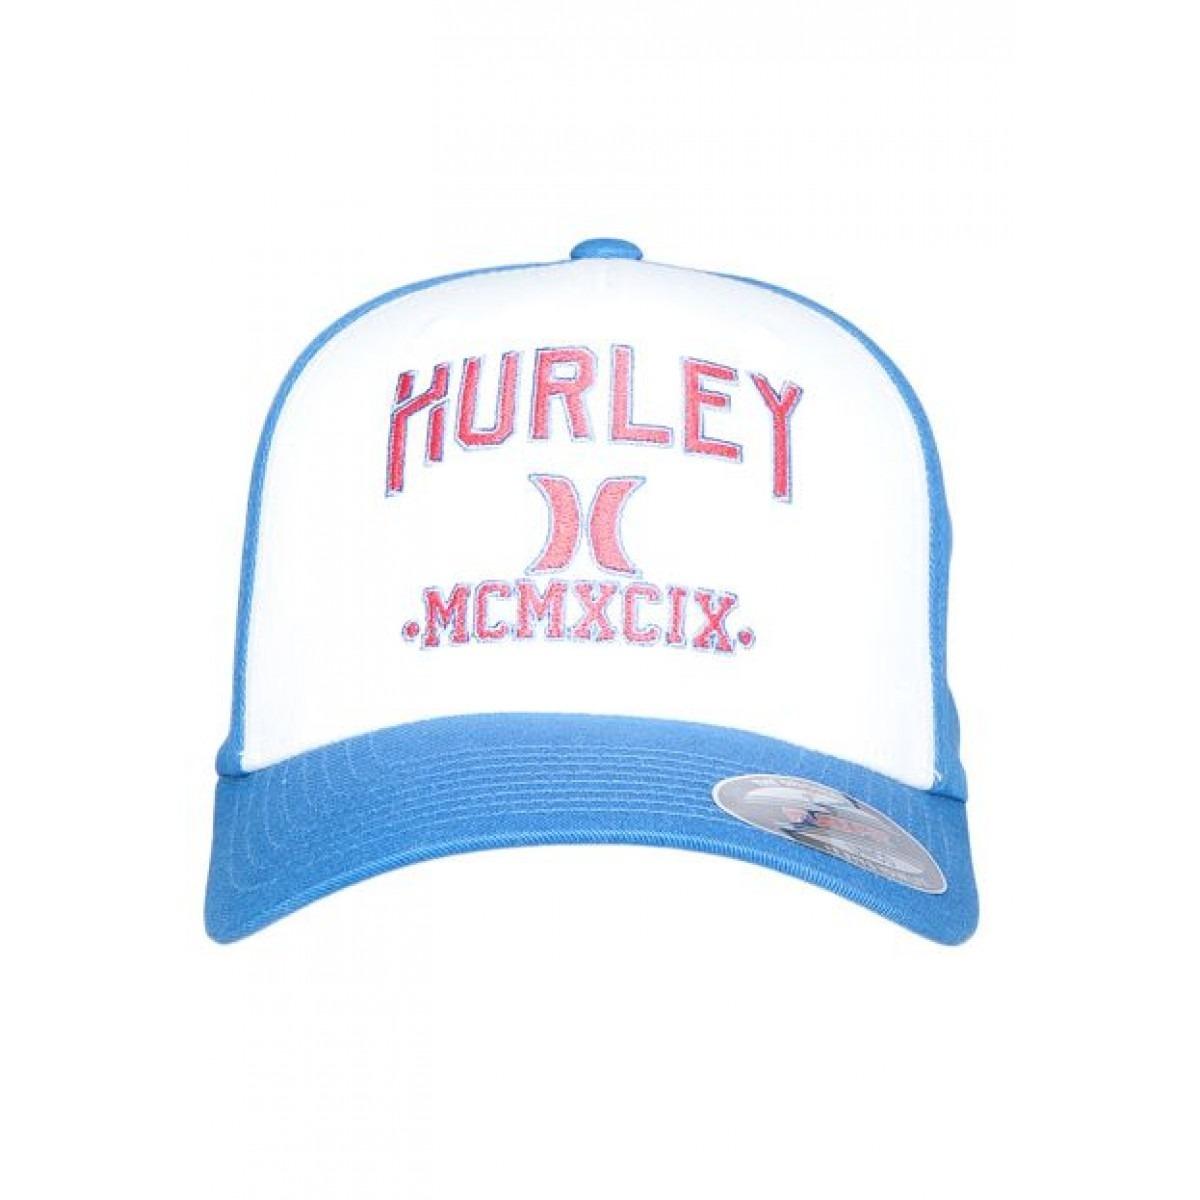 boné hurley logo azul e branco masculino original. Carregando zoom. 961fed685e2